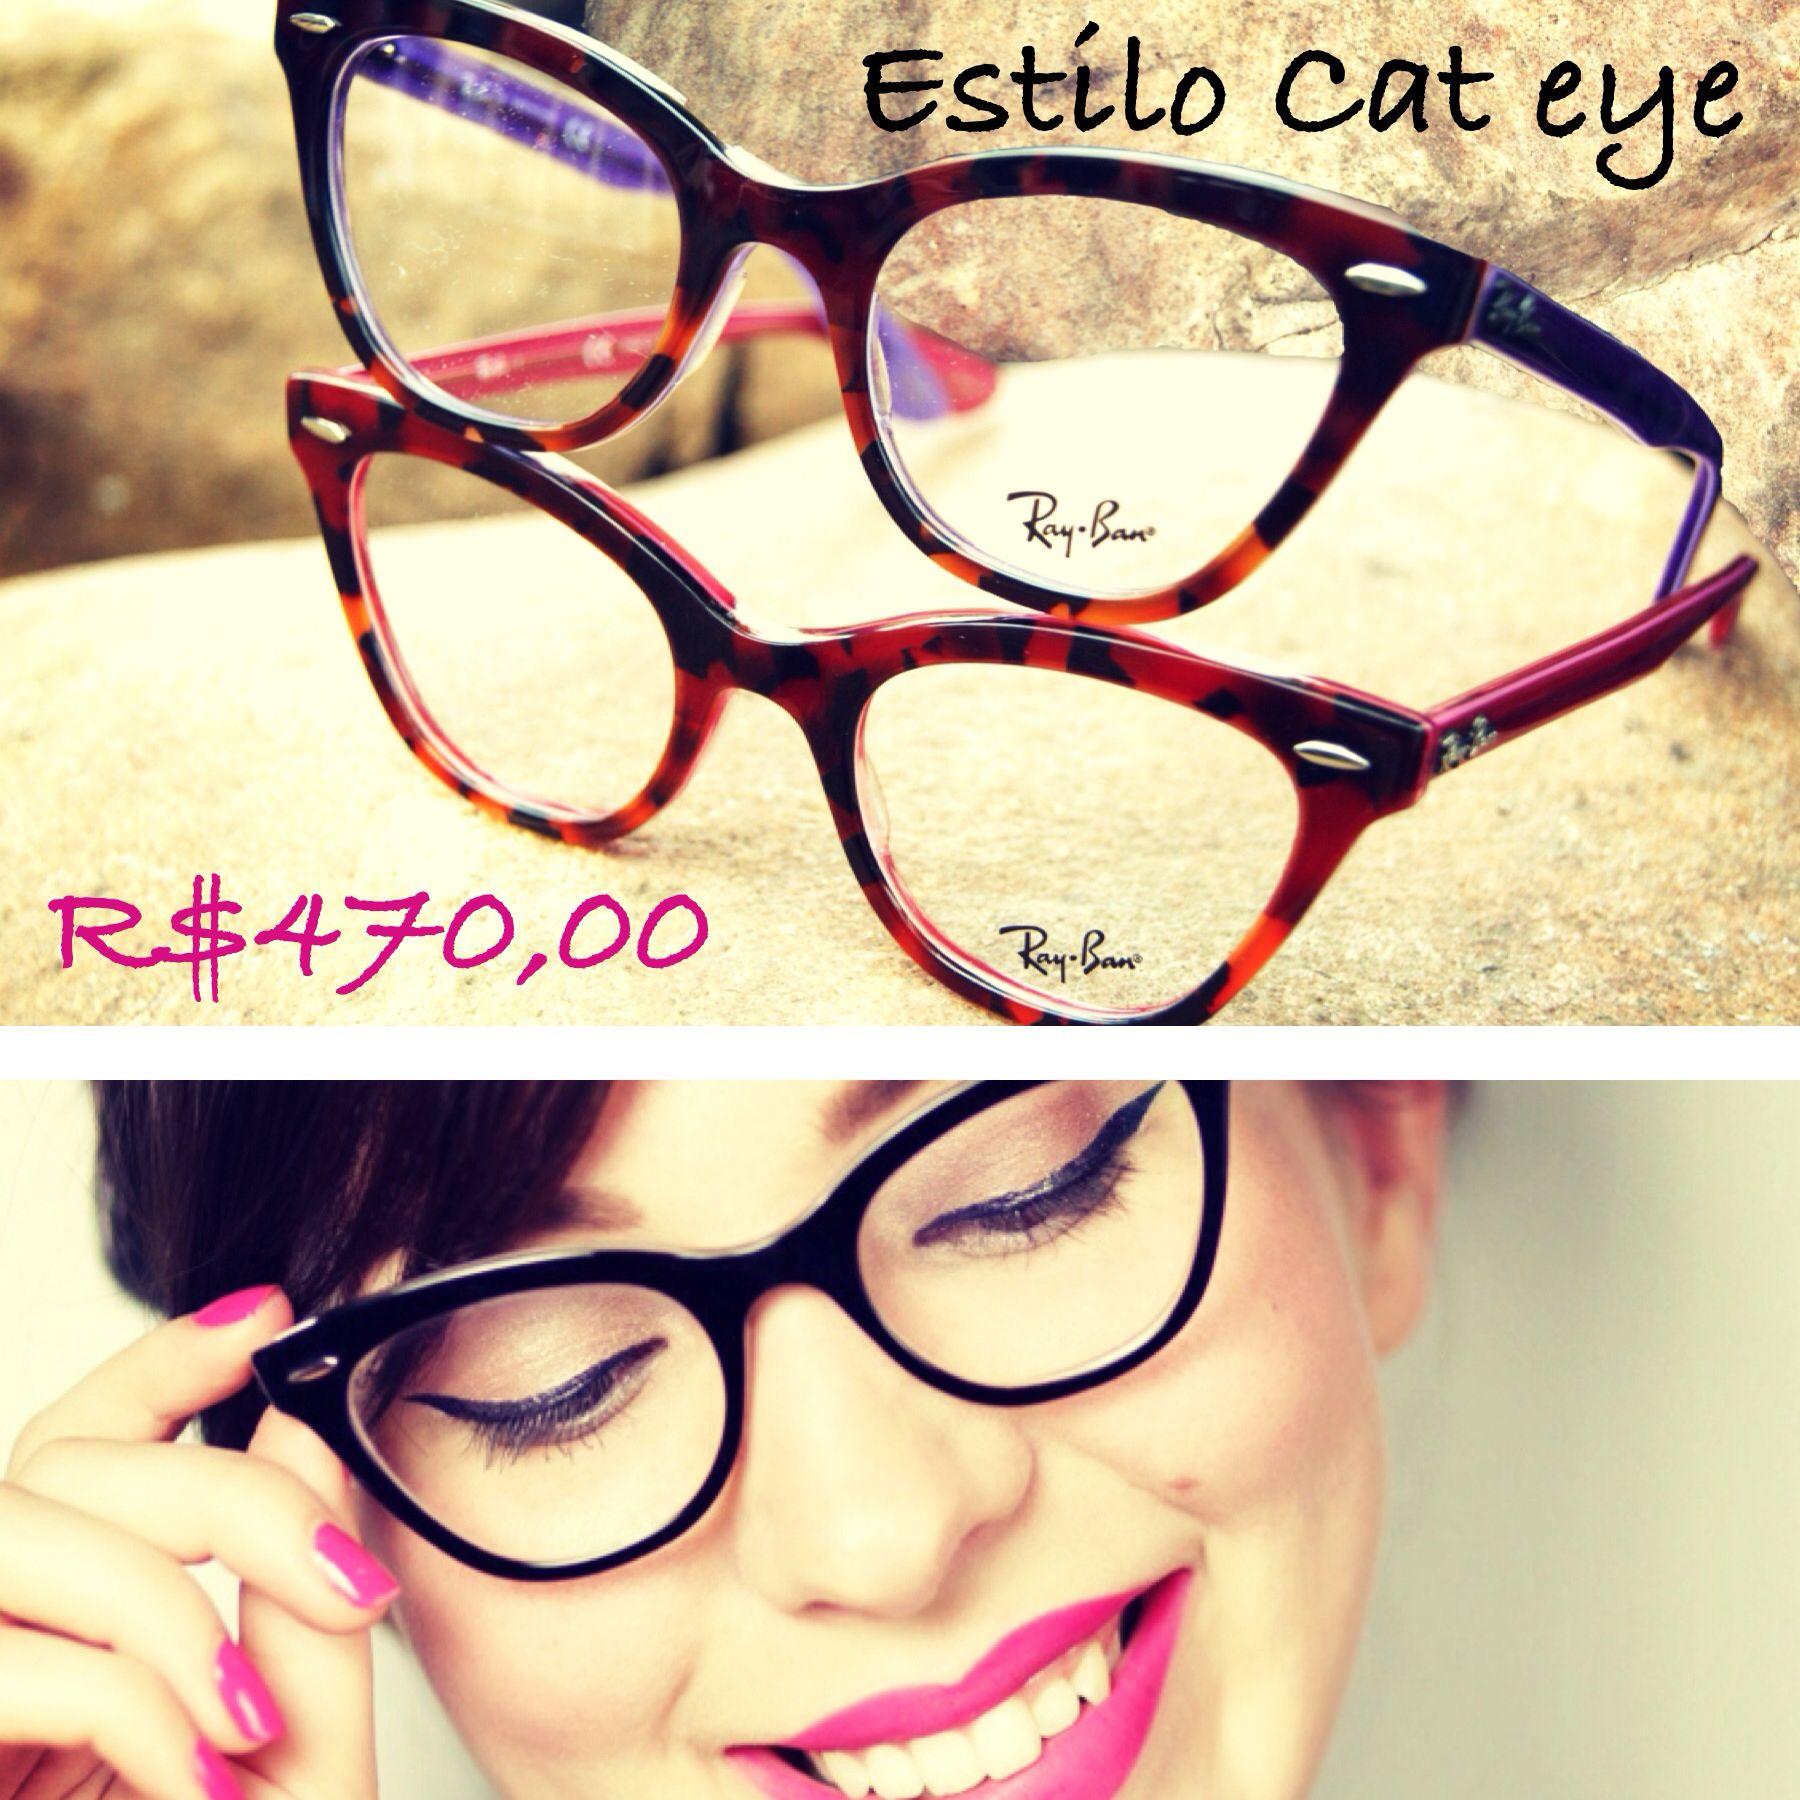 85a7ff58dd0f4 Armação no estilo cat eye deixam o look mais feminino.  oculos  grau   gatinho  oticas  wanny  color  rb  shop  online